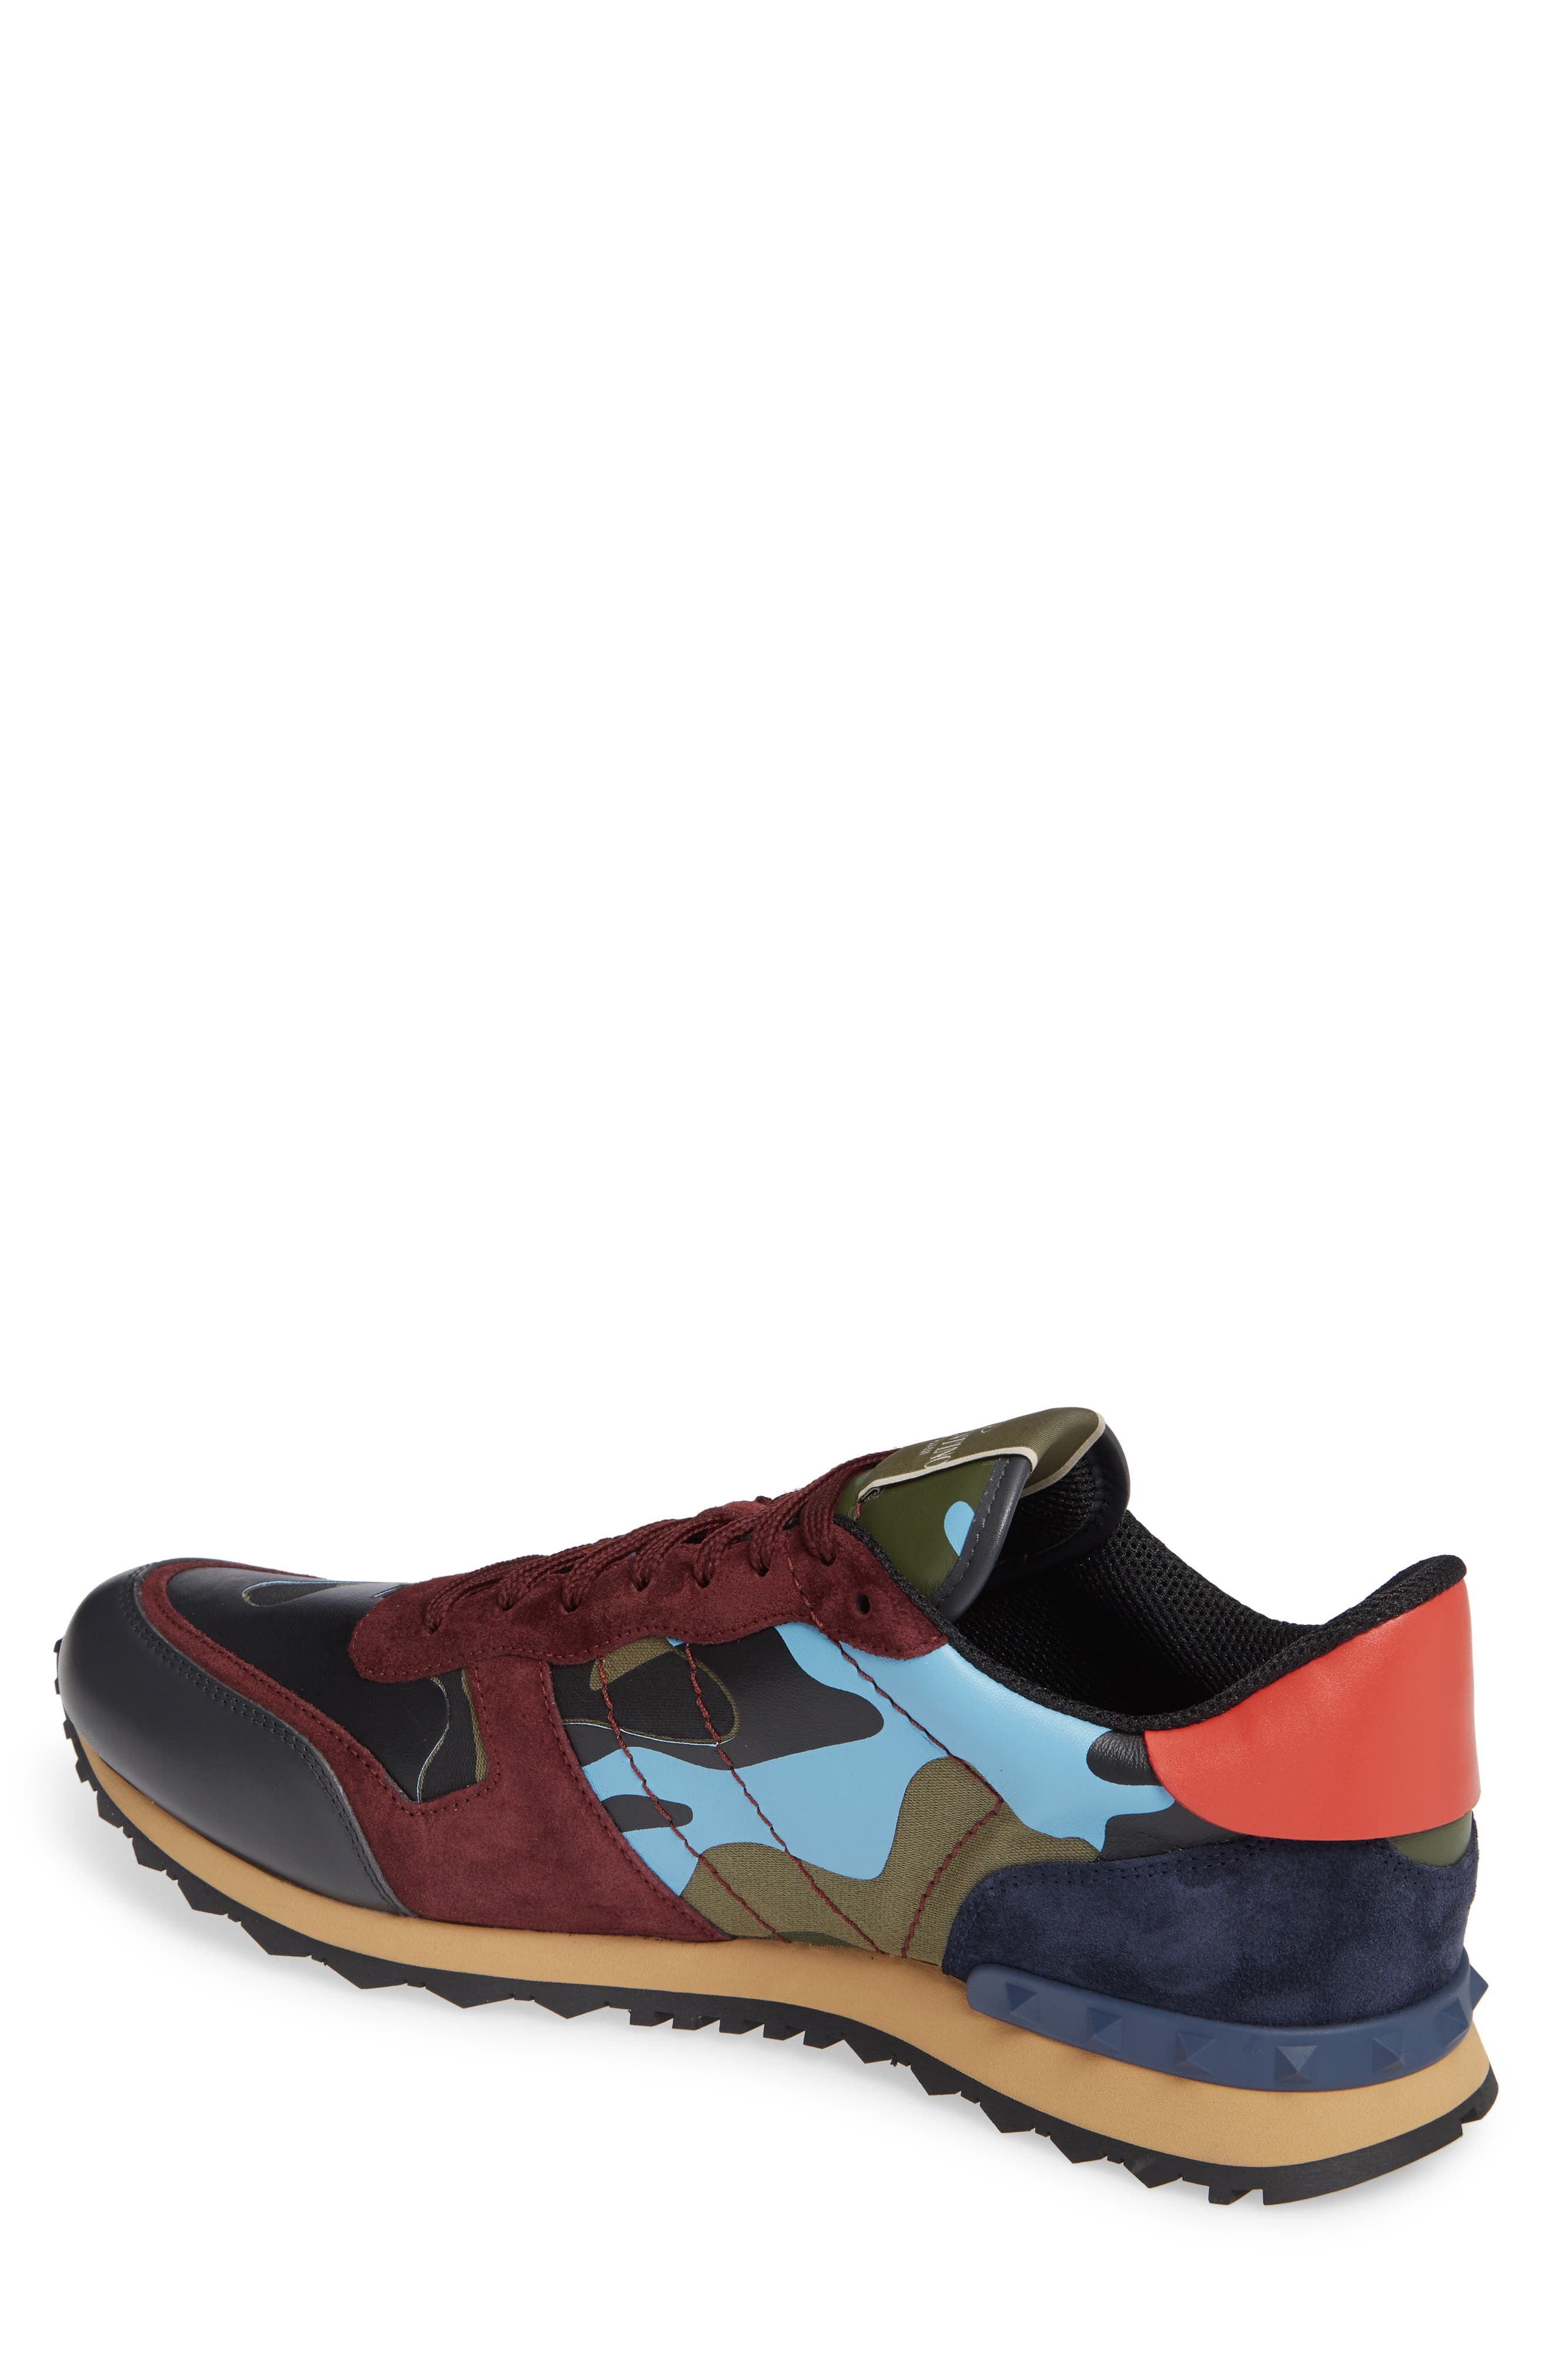 Camo Rockrunner Sneaker,                             Alternate thumbnail 2, color,                             LIGHT BLUE/ BORDEAUX